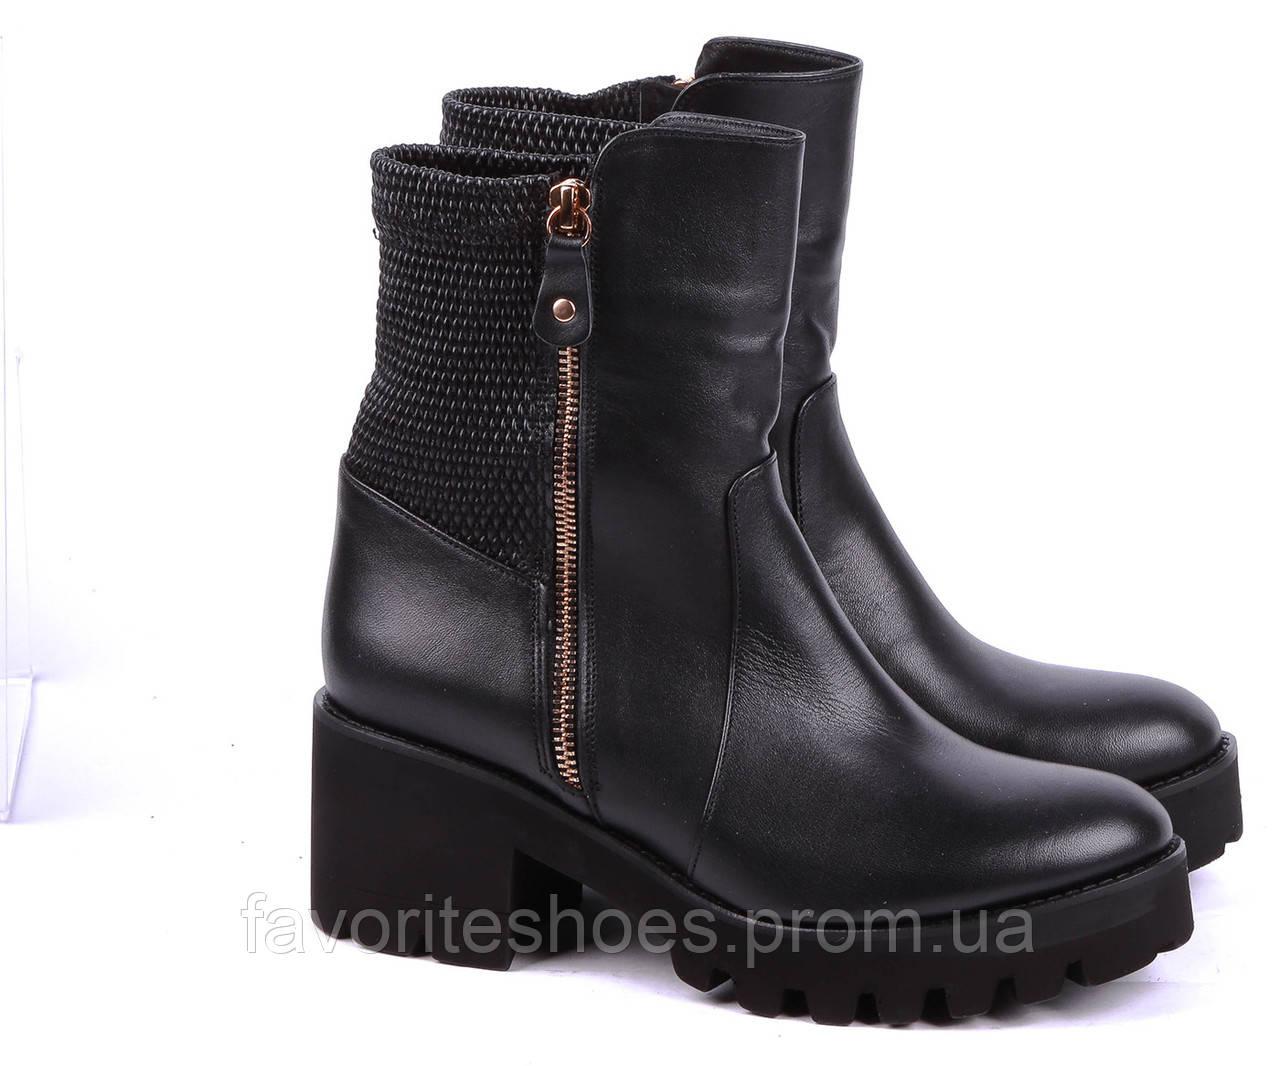 f4b4fcadeb342e Черевики осінні Unica Shoes 37 Чорний 00000006269 - Интернет-магазин